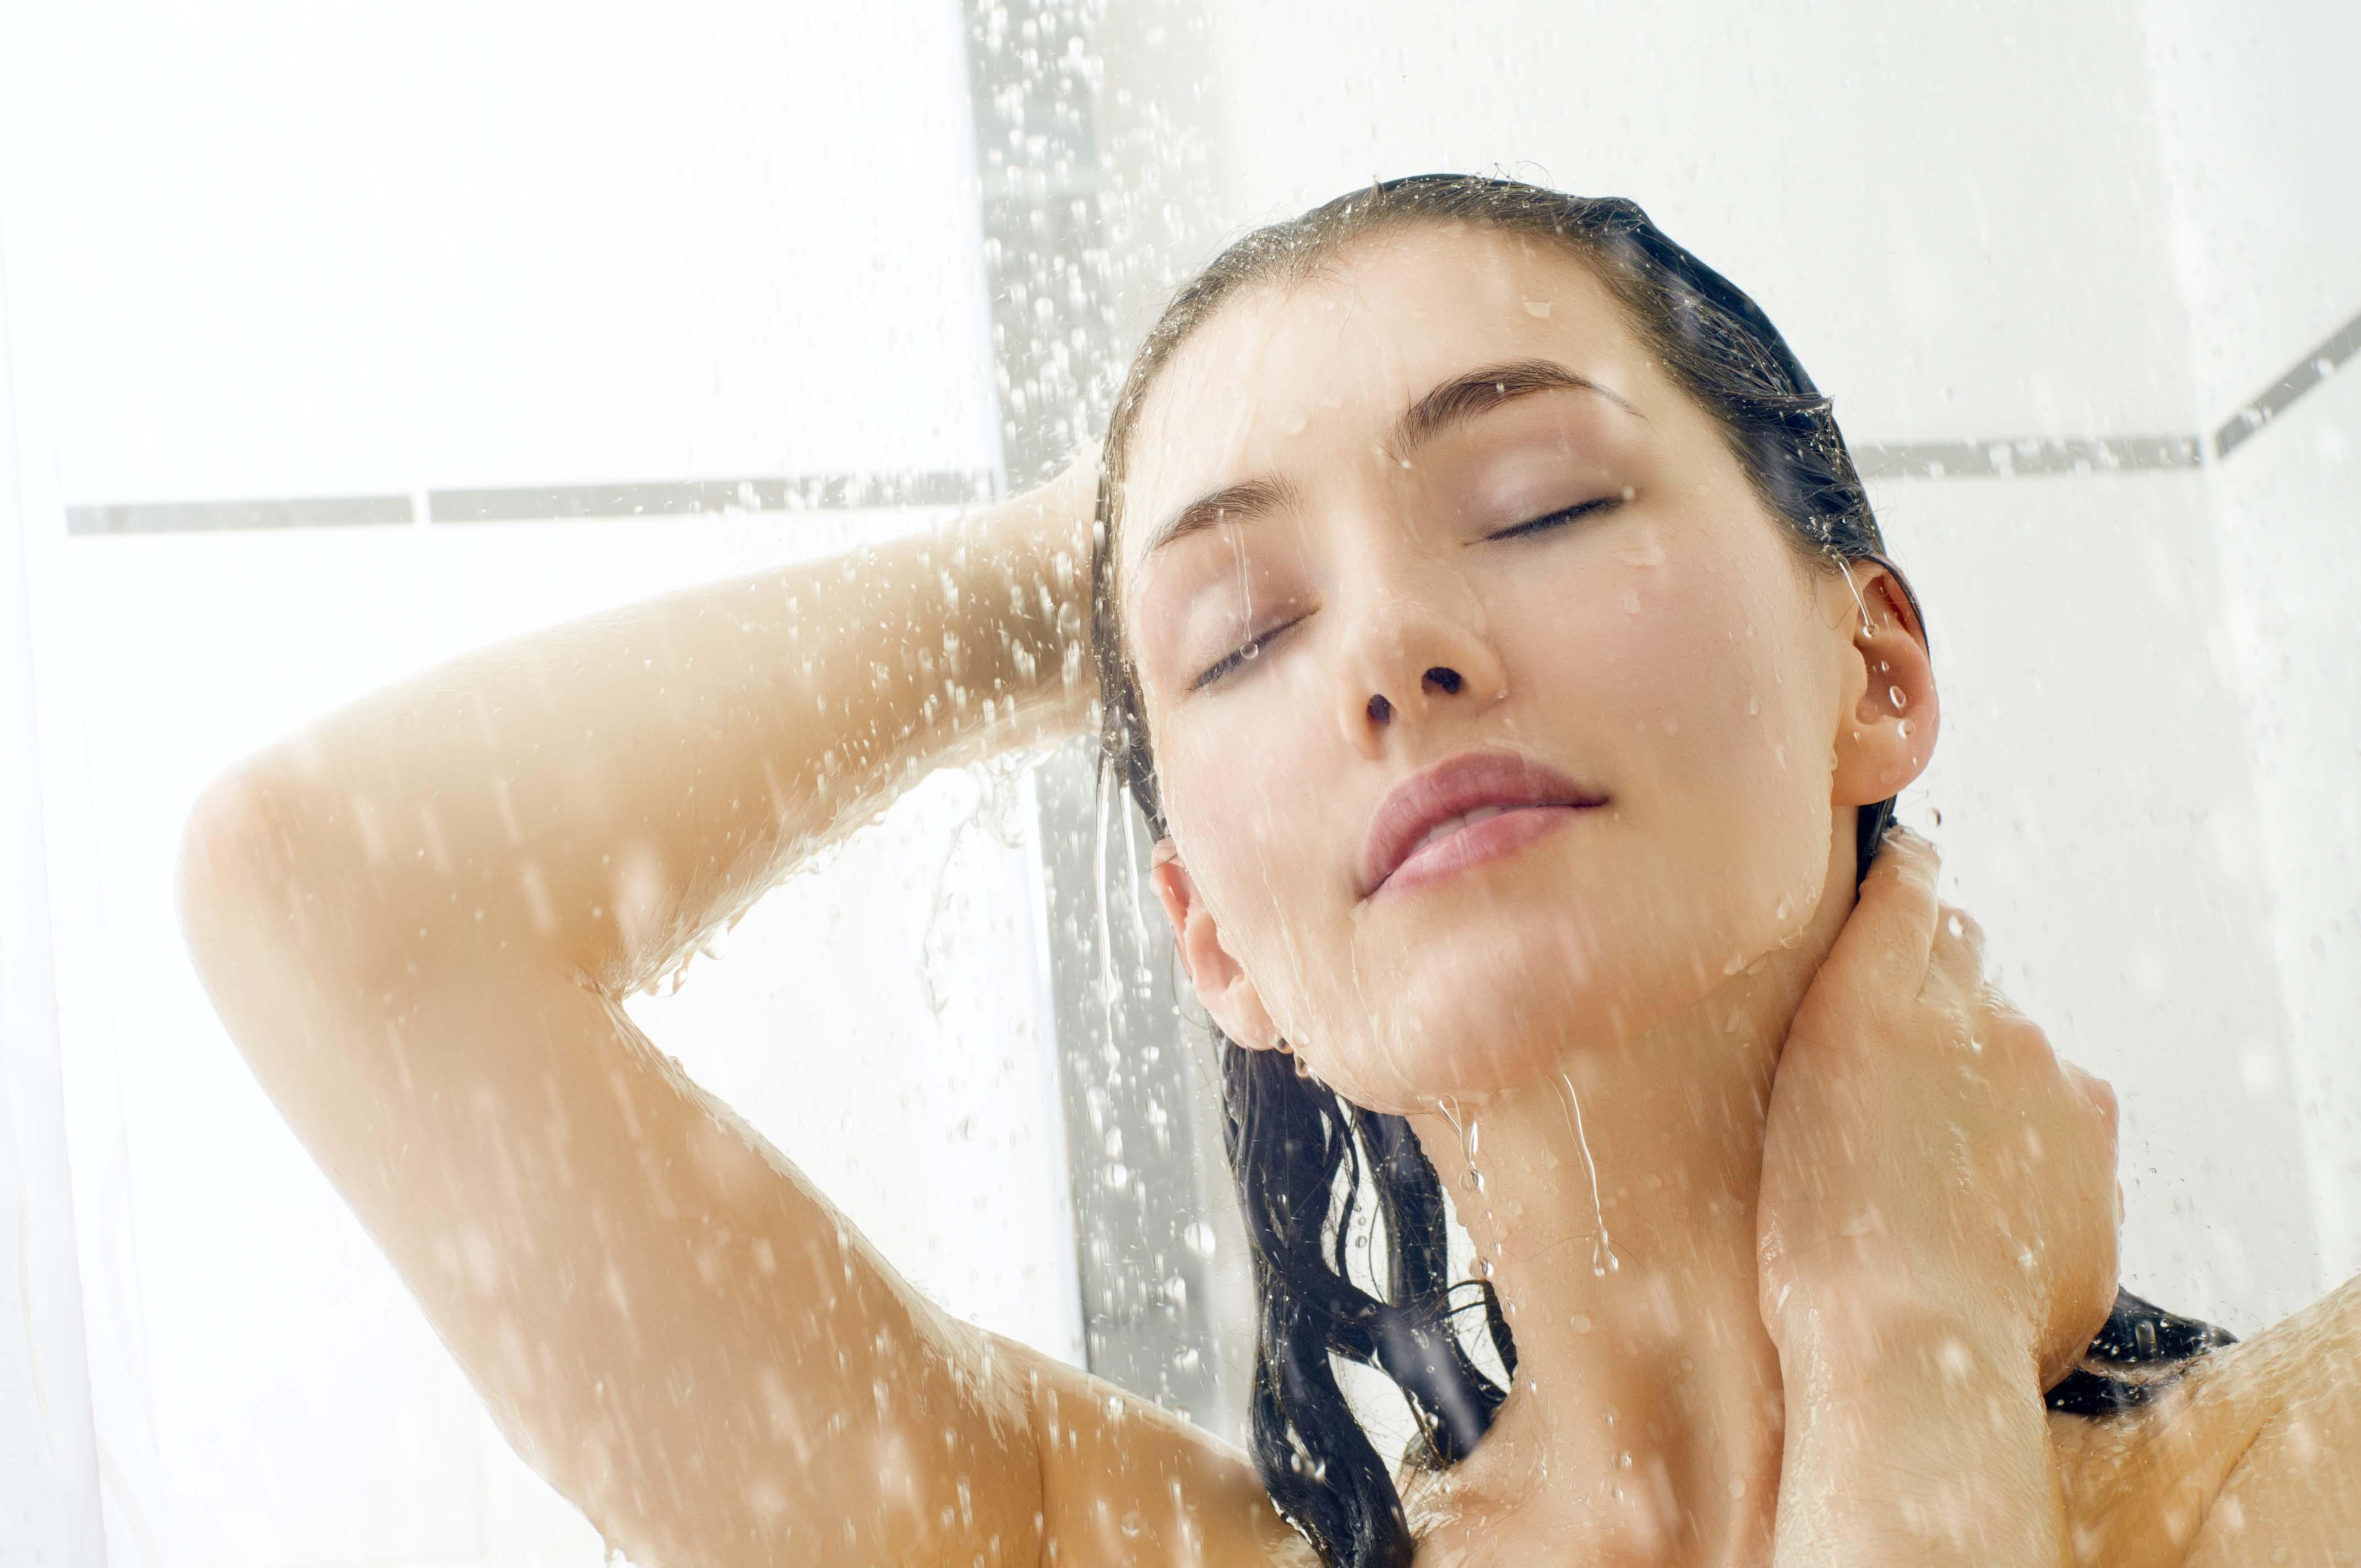 Tome banhos com a água fria ou morna